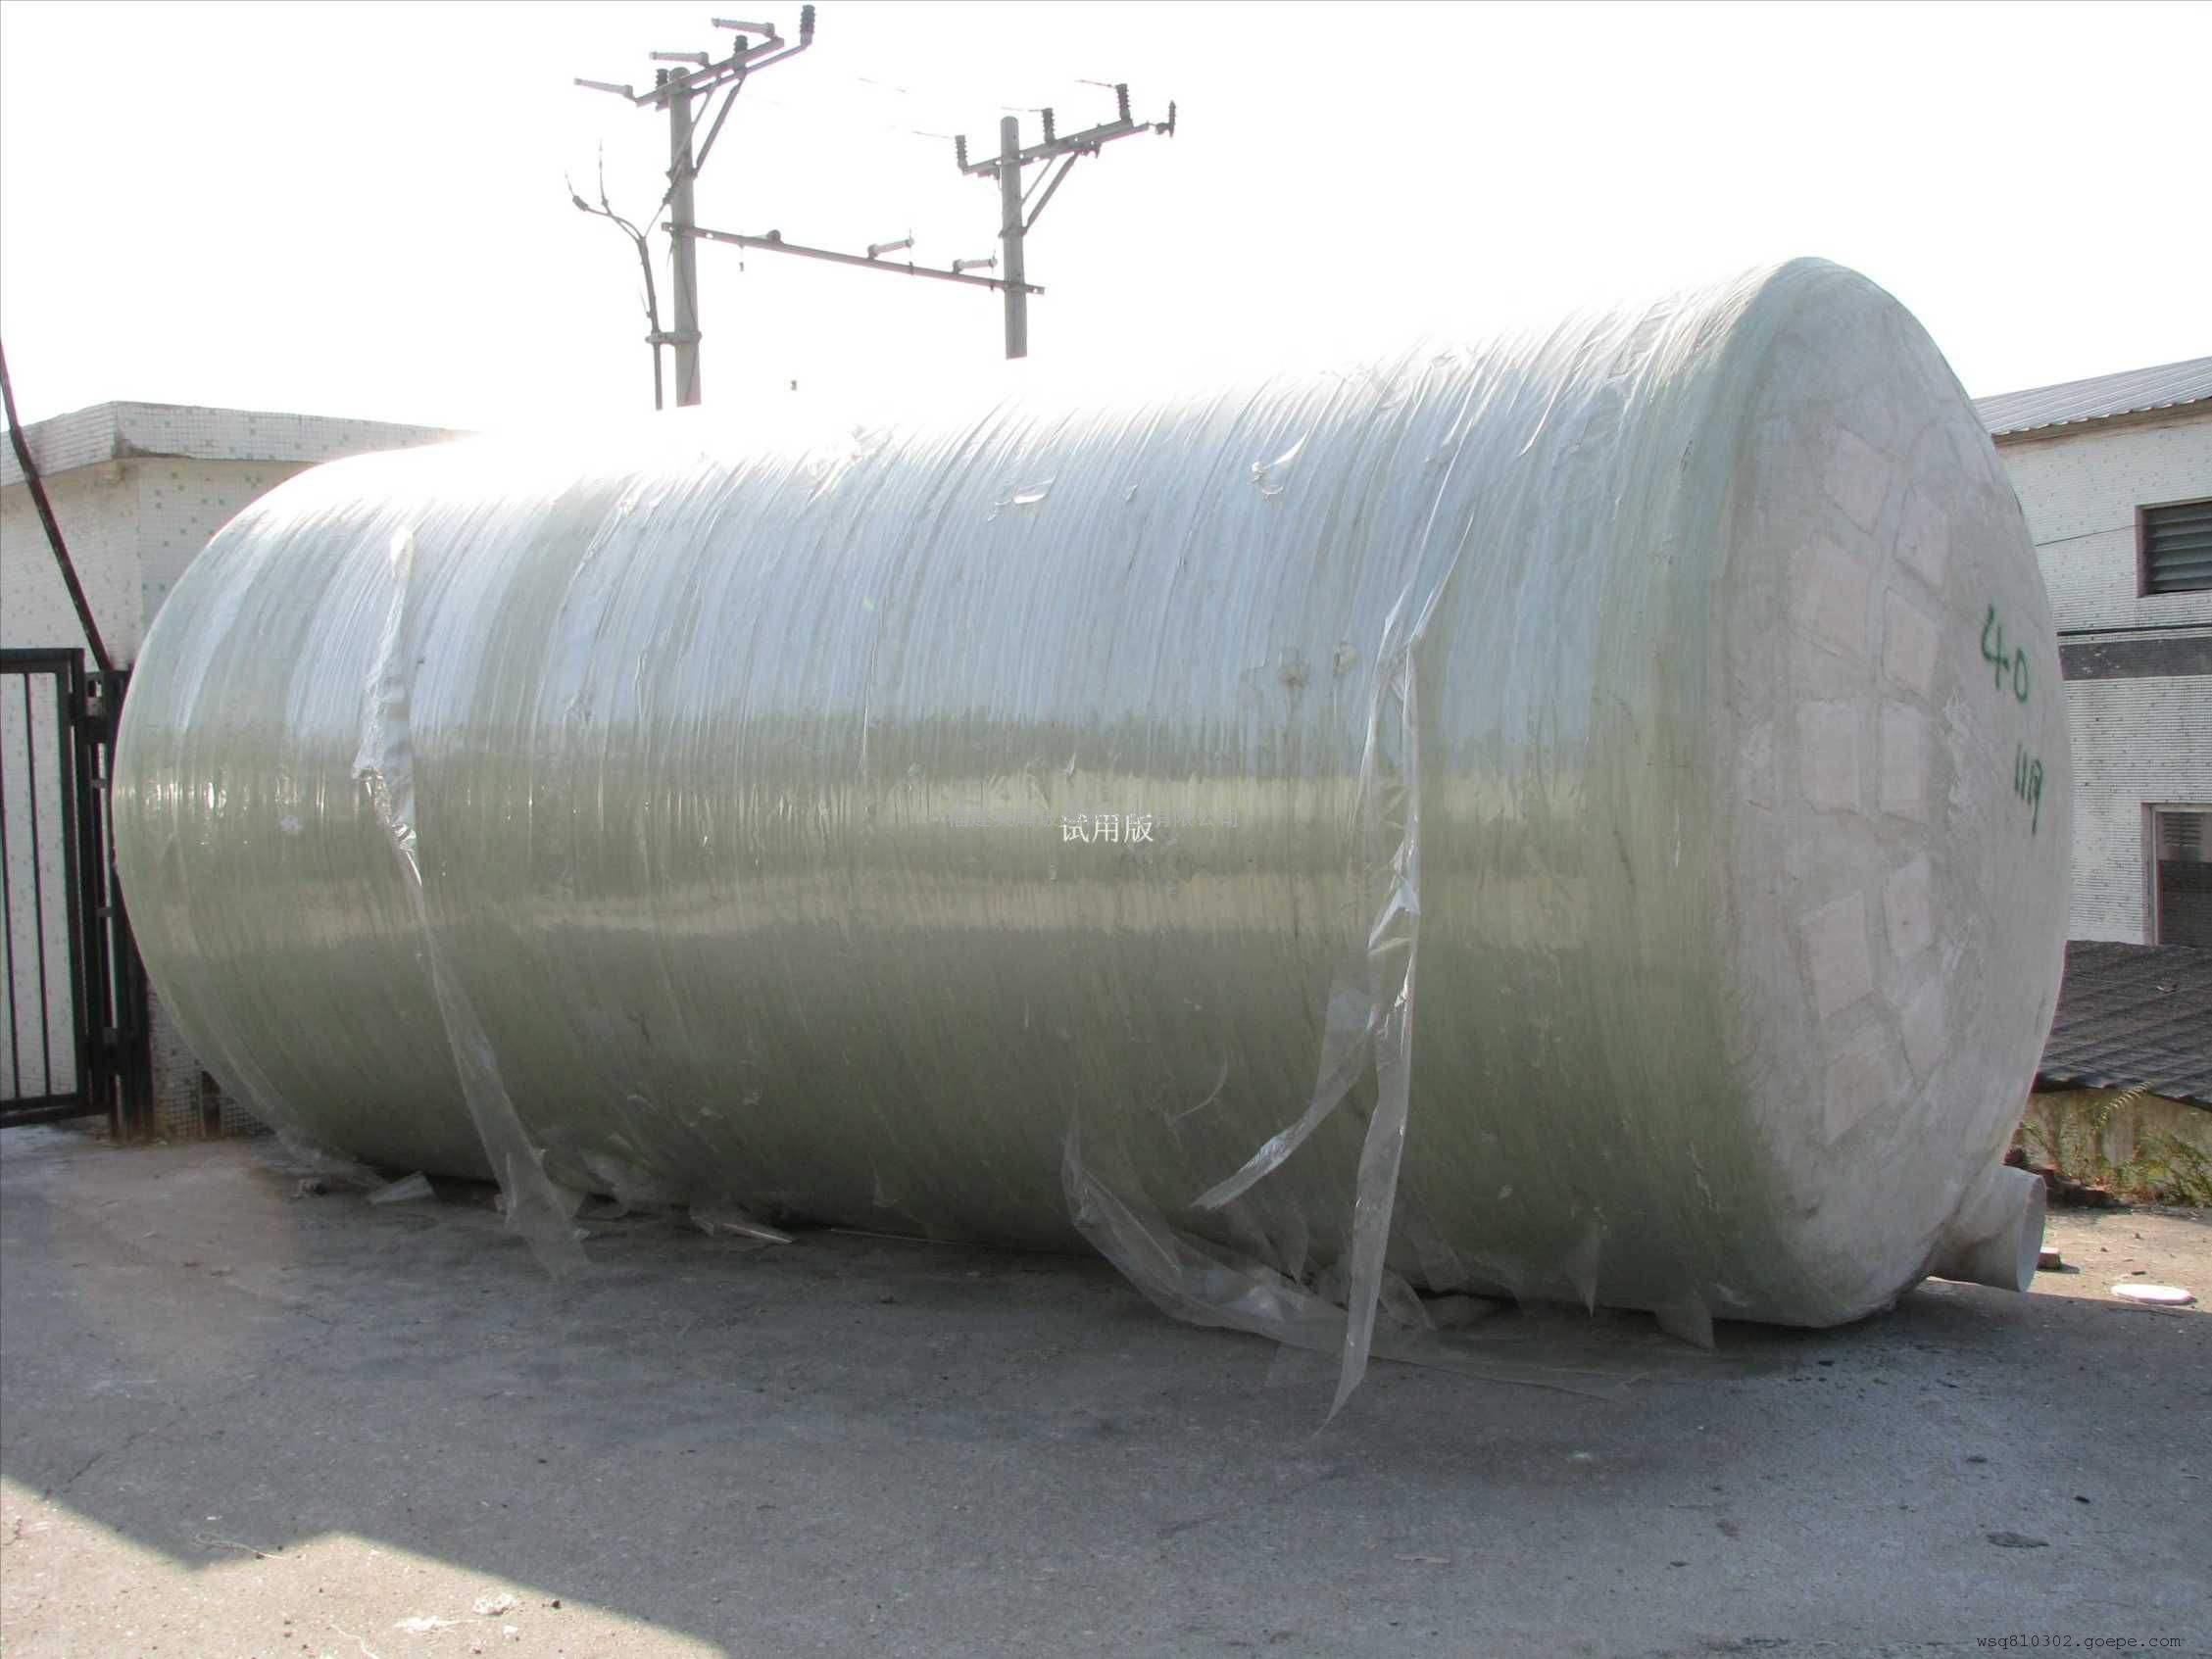 河北淮方玻璃钢化粪池厂家@优质玻璃钢罐厂家直销 优质玻璃钢化粪池 优质污水处理设备